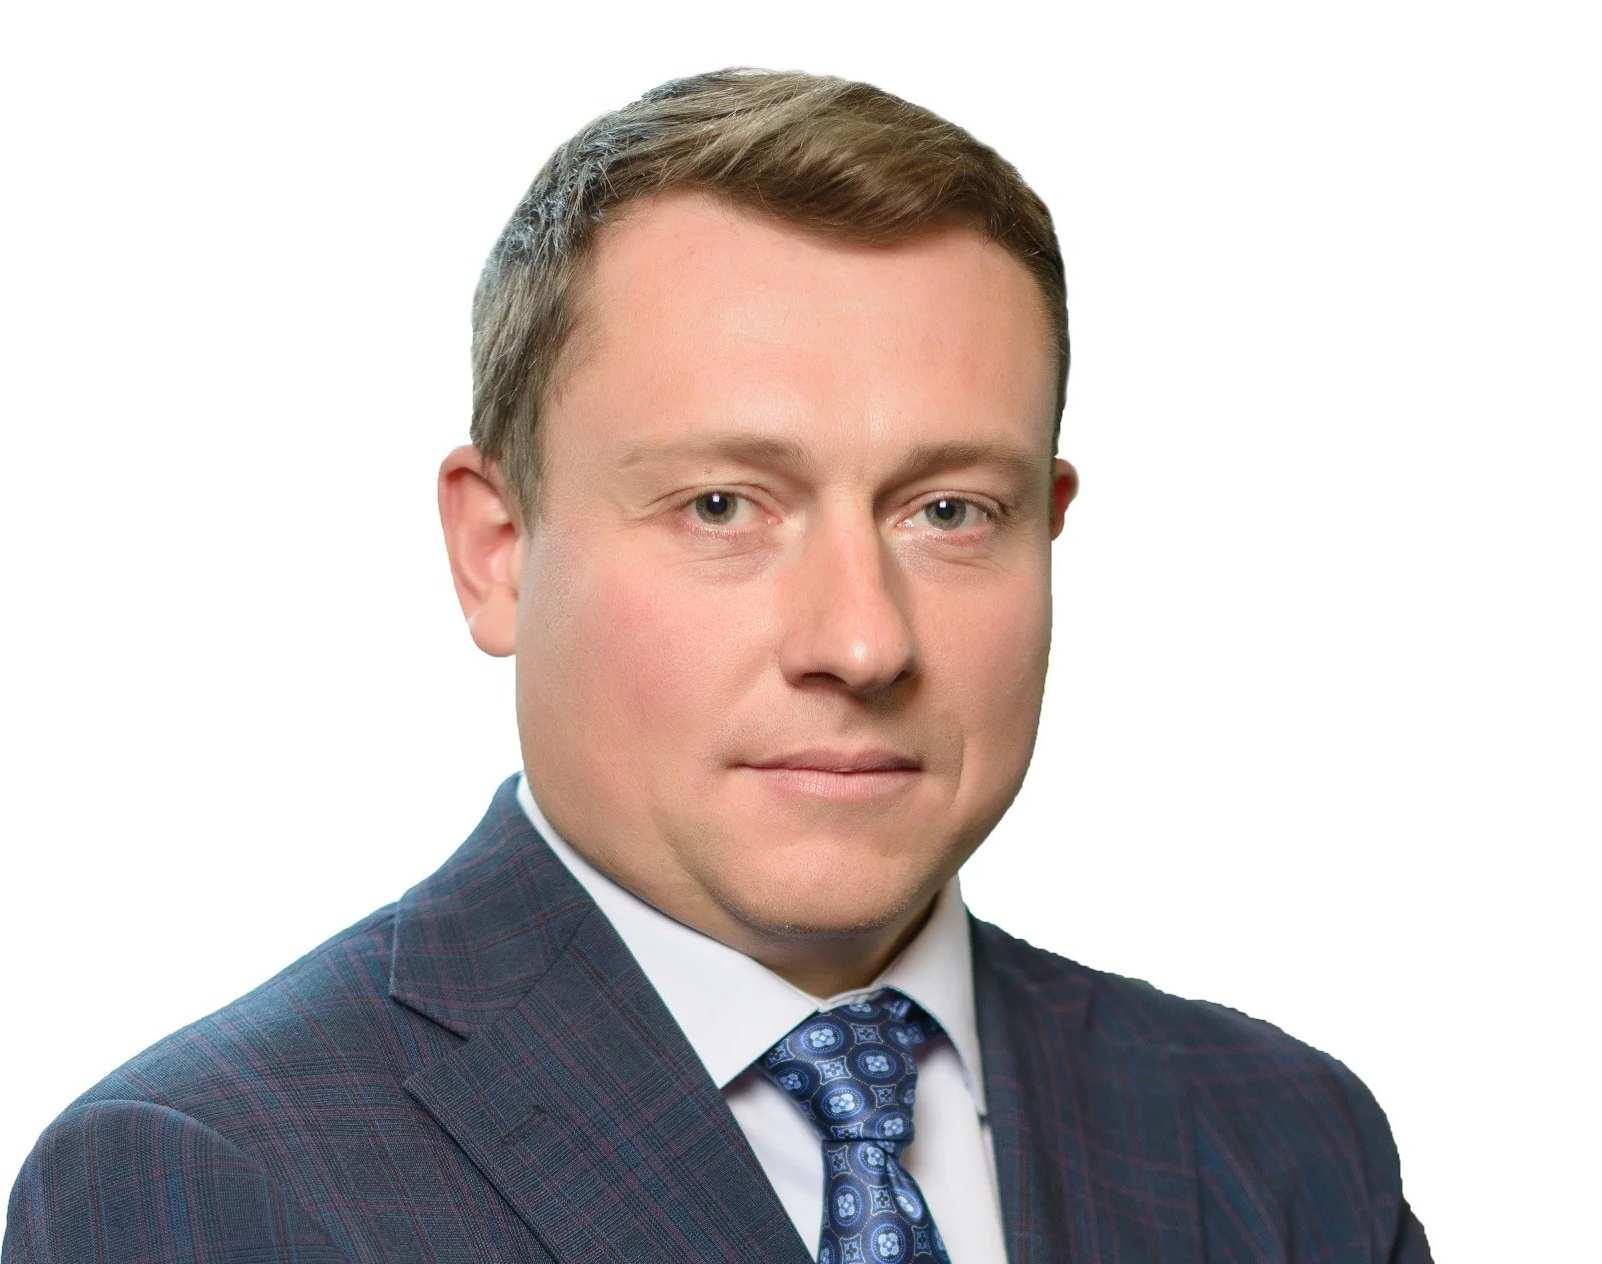 """Результат пошуку зображень за запитом """"Екс-адвокат Януковича офіційно став заступником голови ДБР"""""""